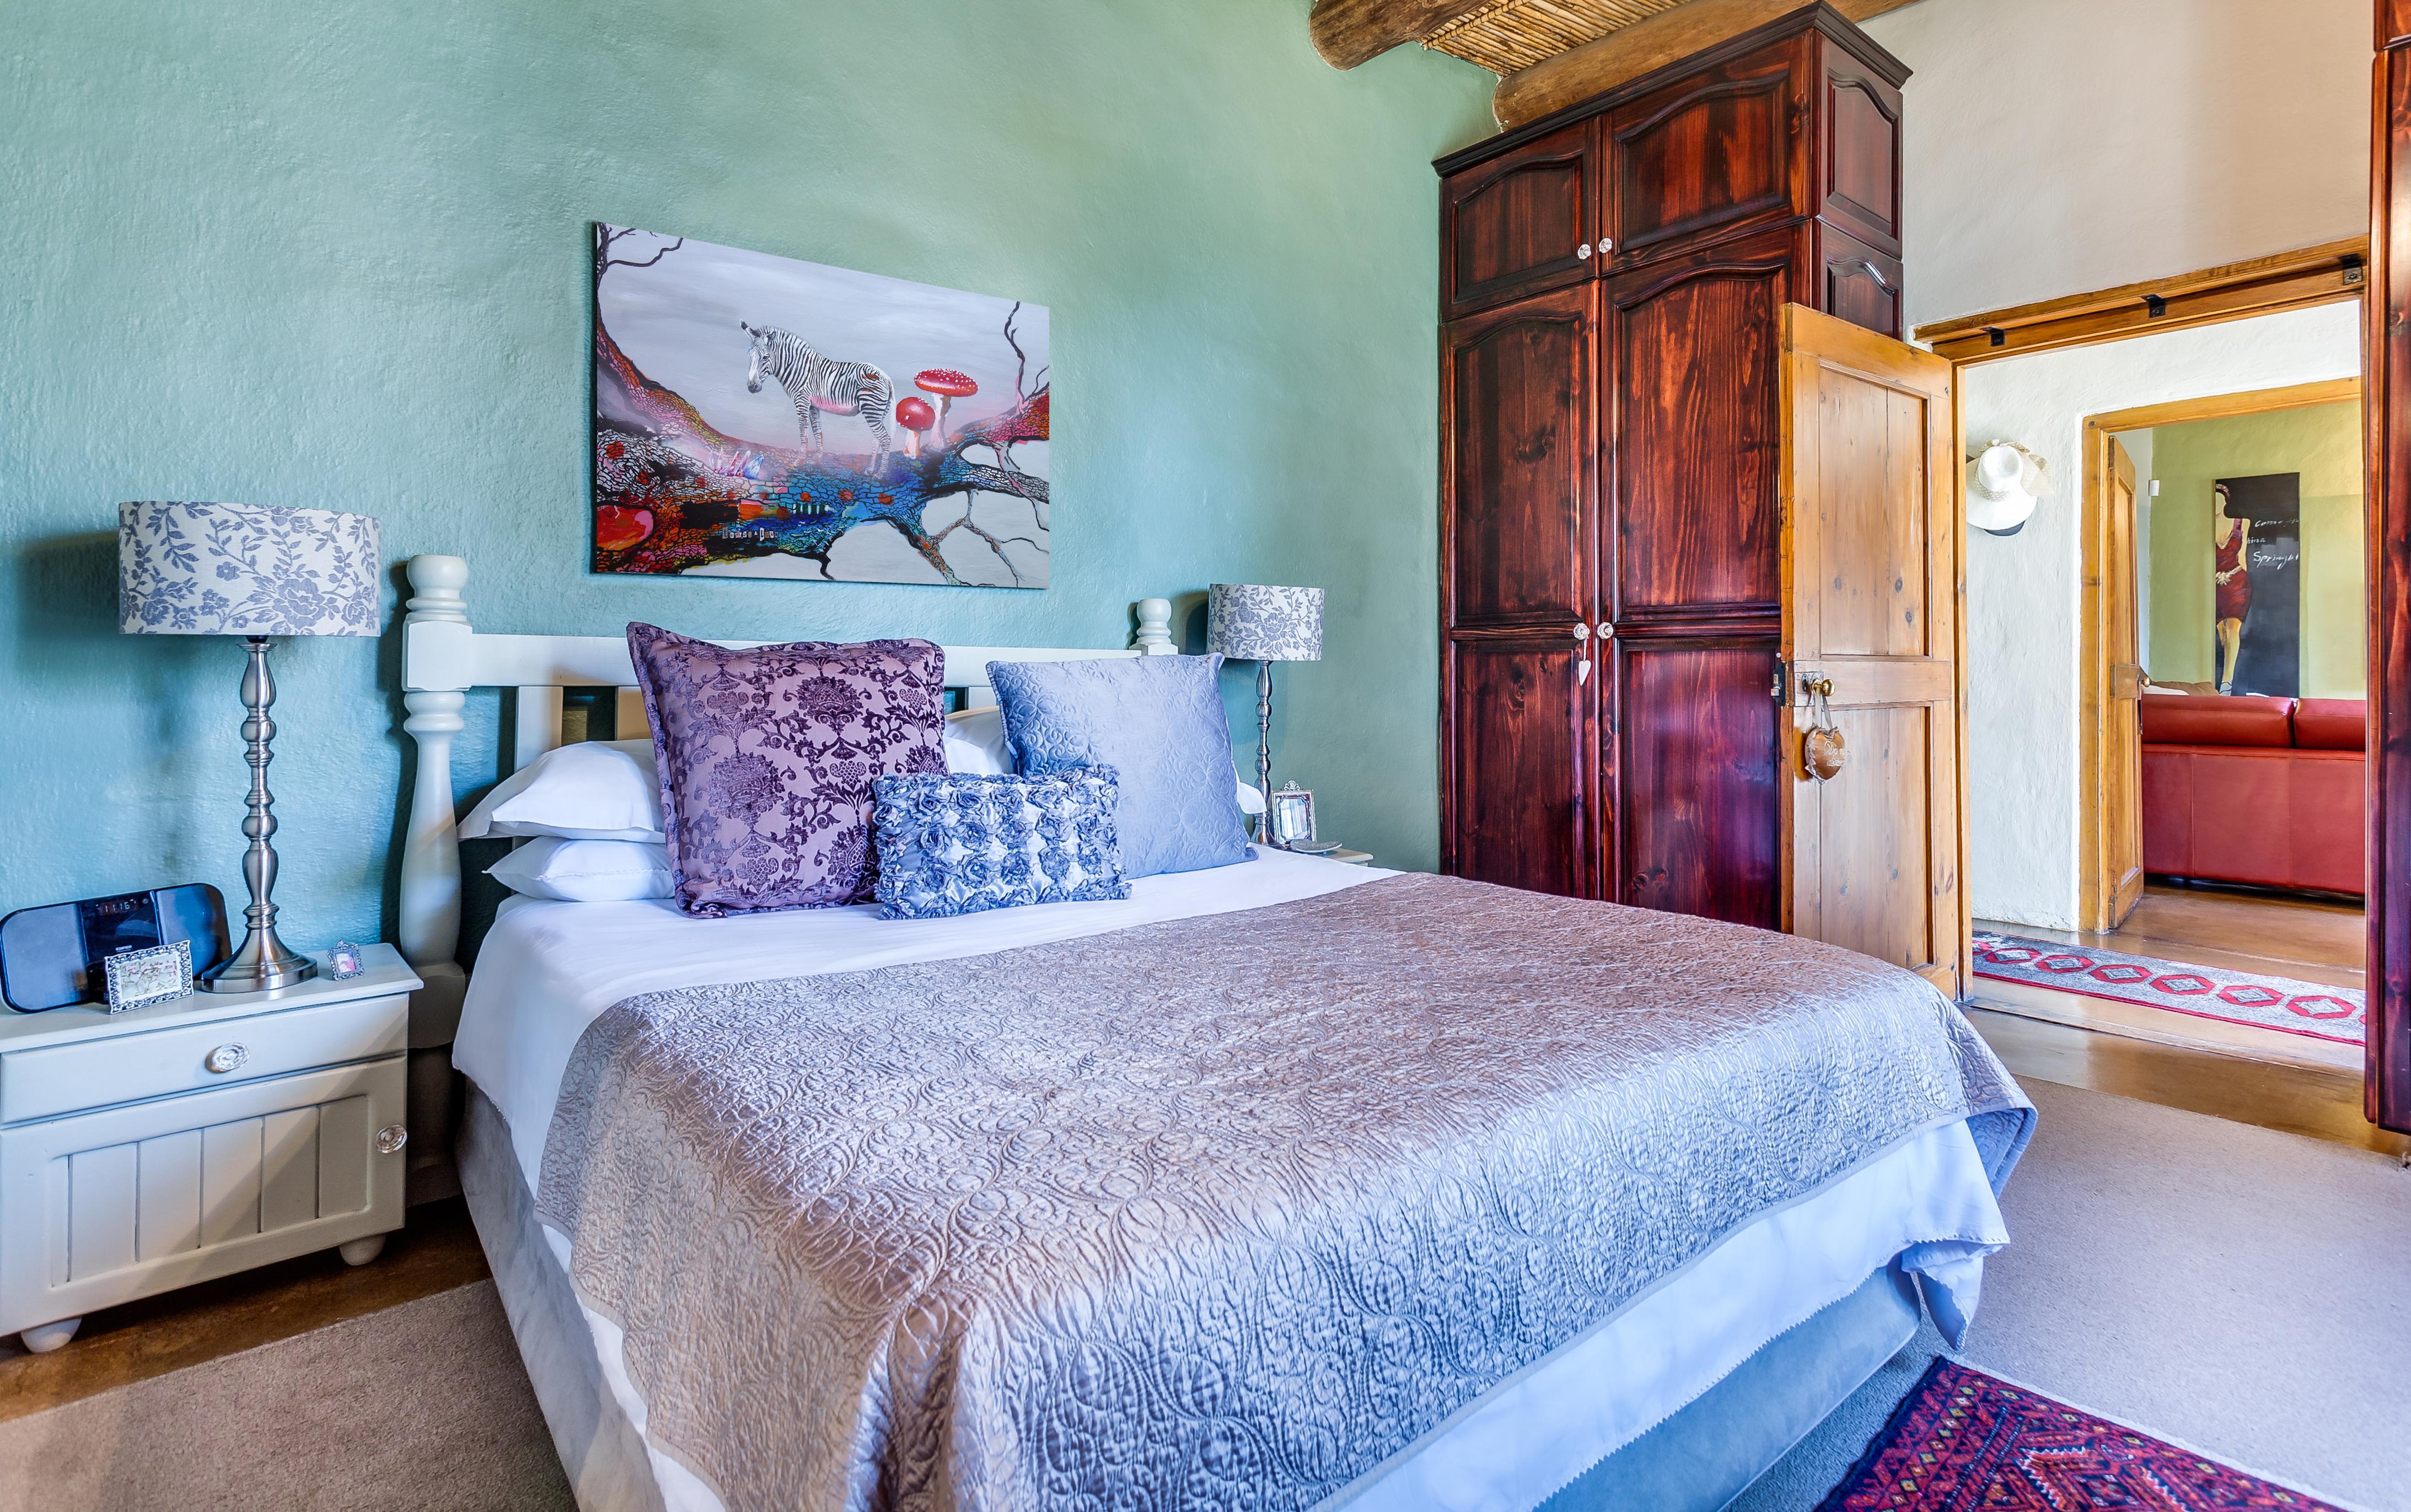 Maleriet efter eventyret placeret i et smukt soveværelse. Foto © creativecommonsstockphotos - Dreamstime.com